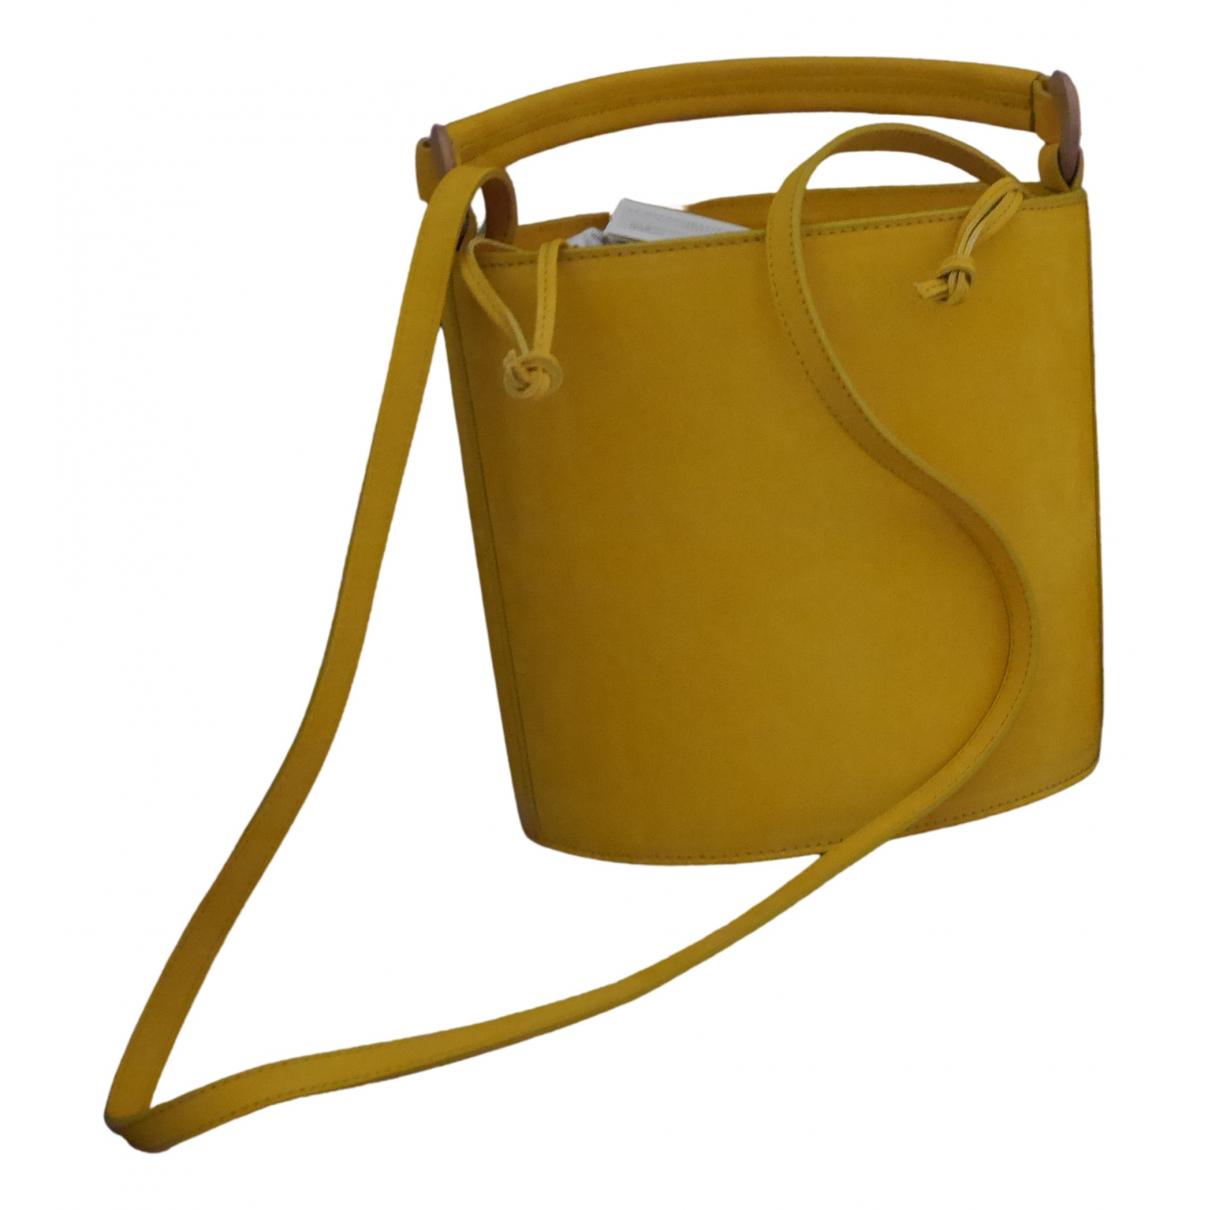 Sezane - Sac a main   pour femme en cuir - jaune